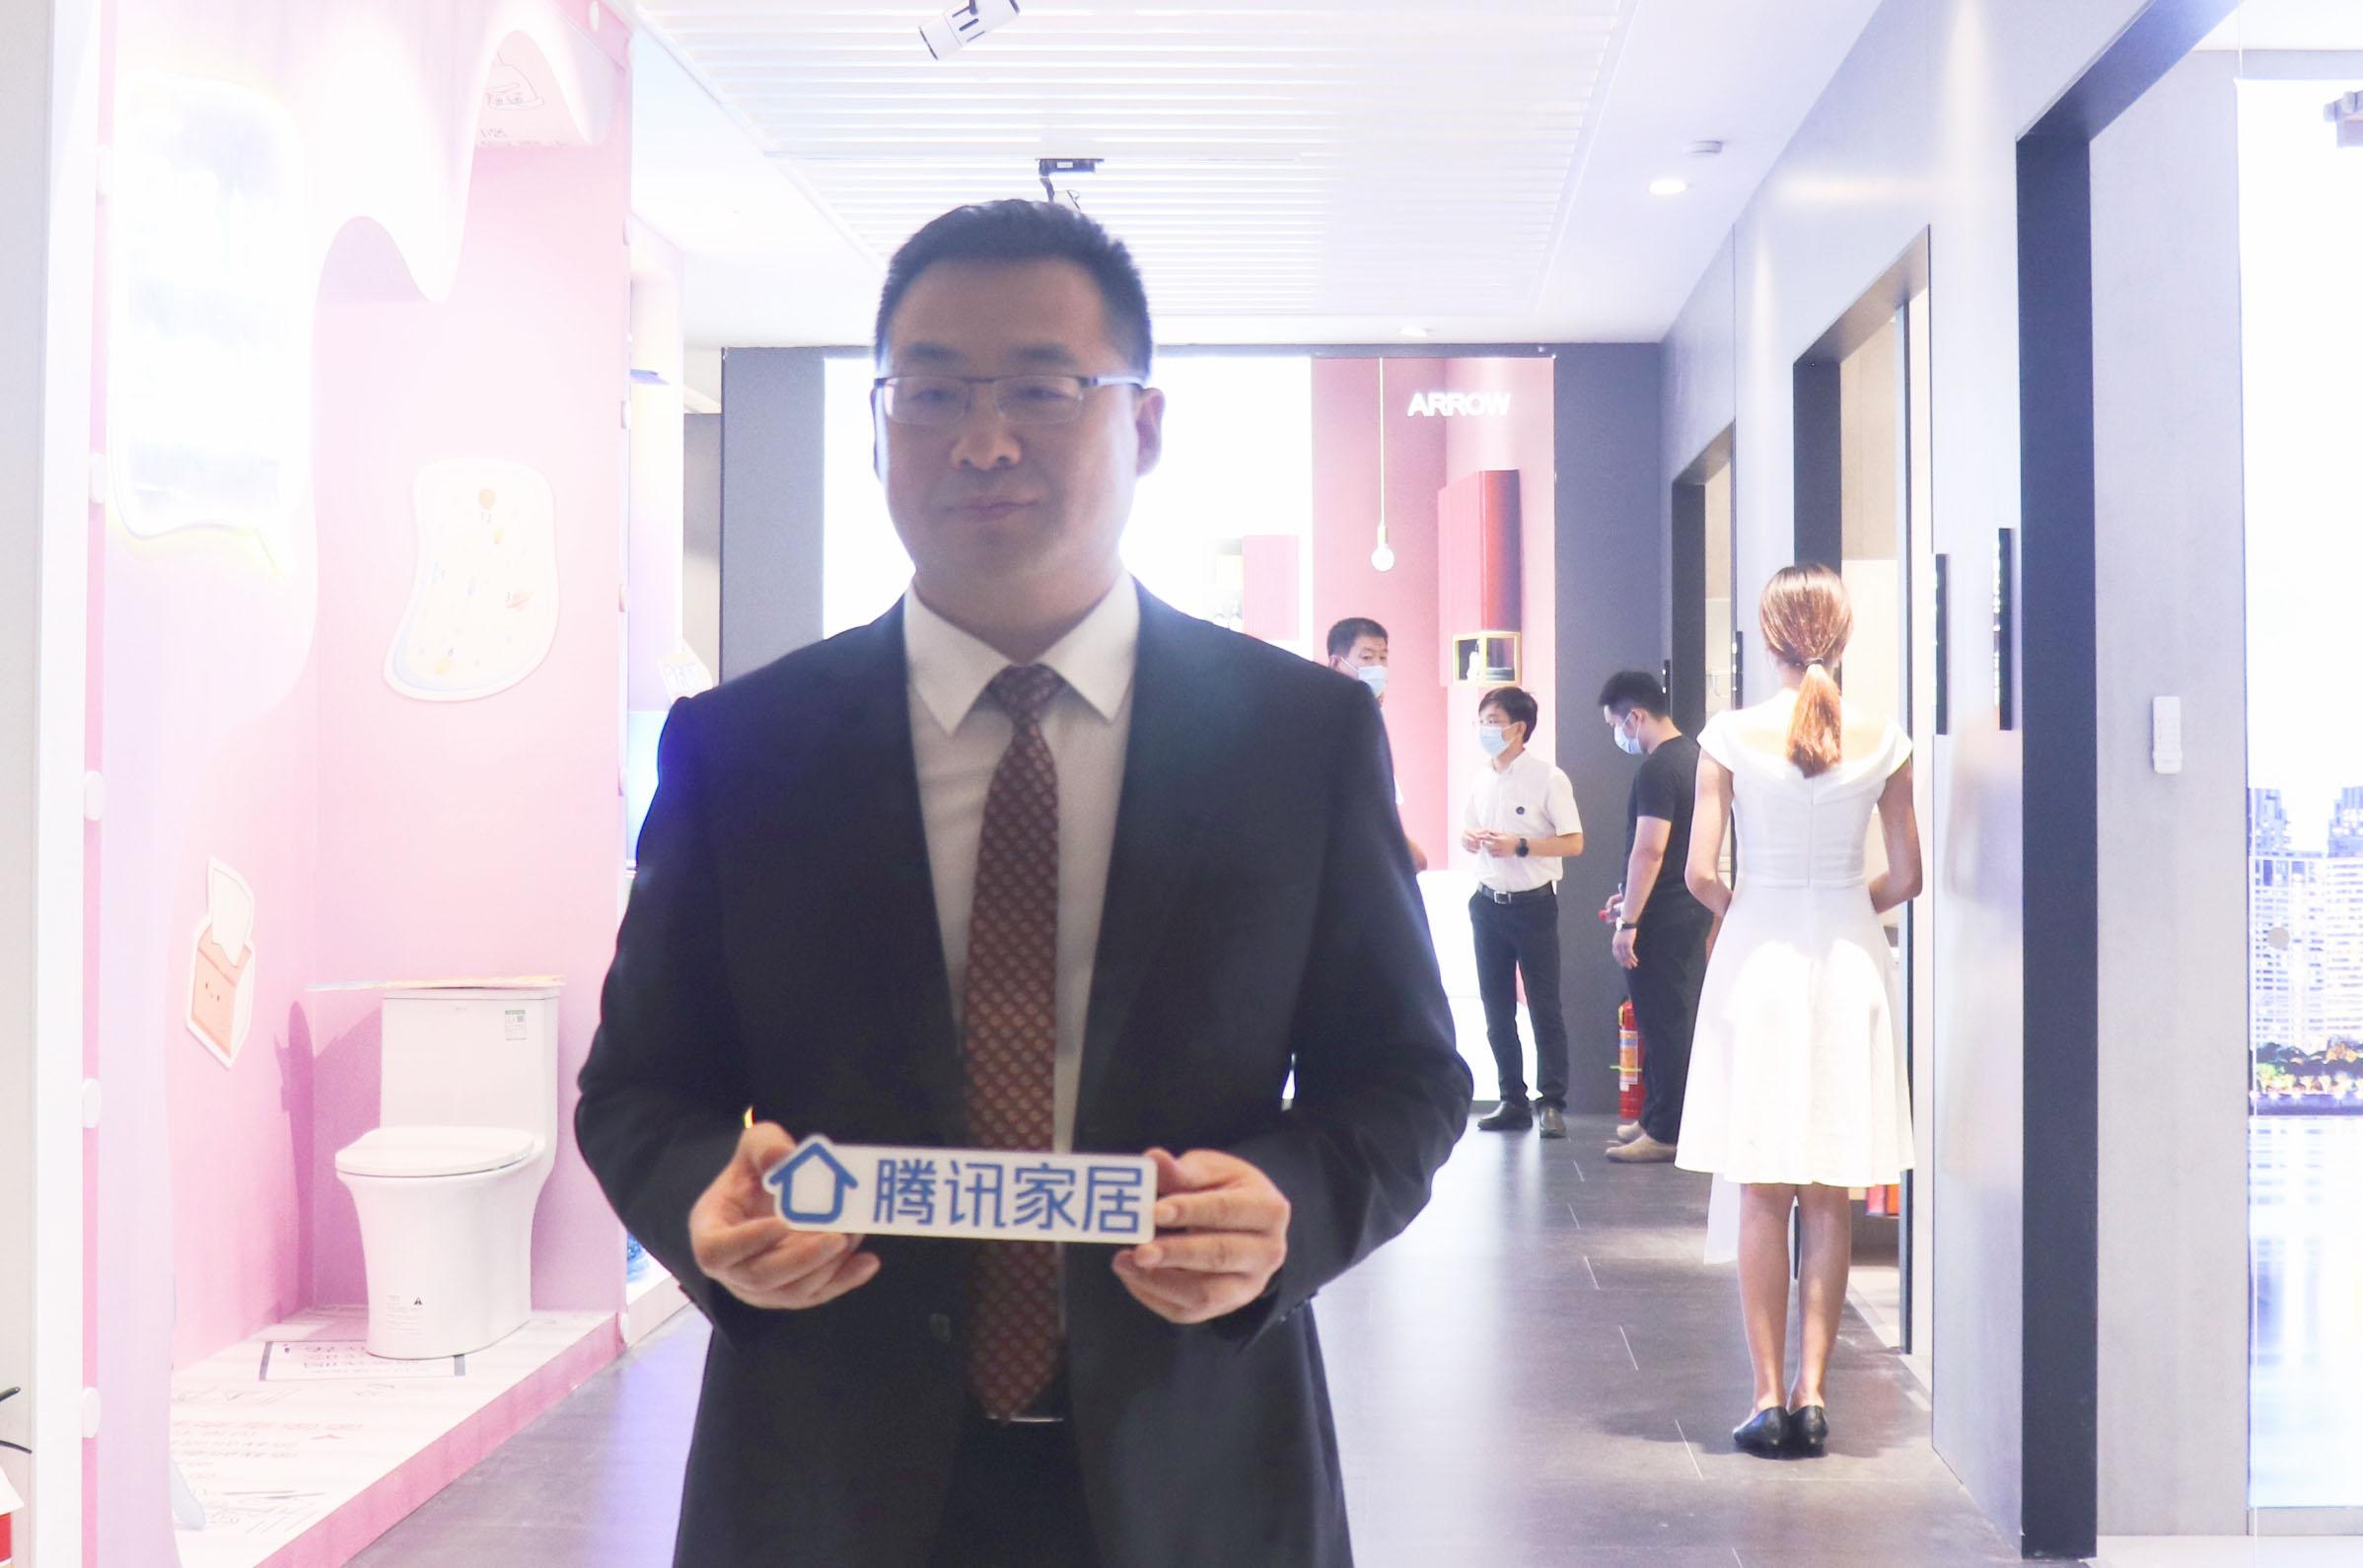 箭牌家居集团副总经理卢金辉:以科技创新实现智慧家居全场景应用